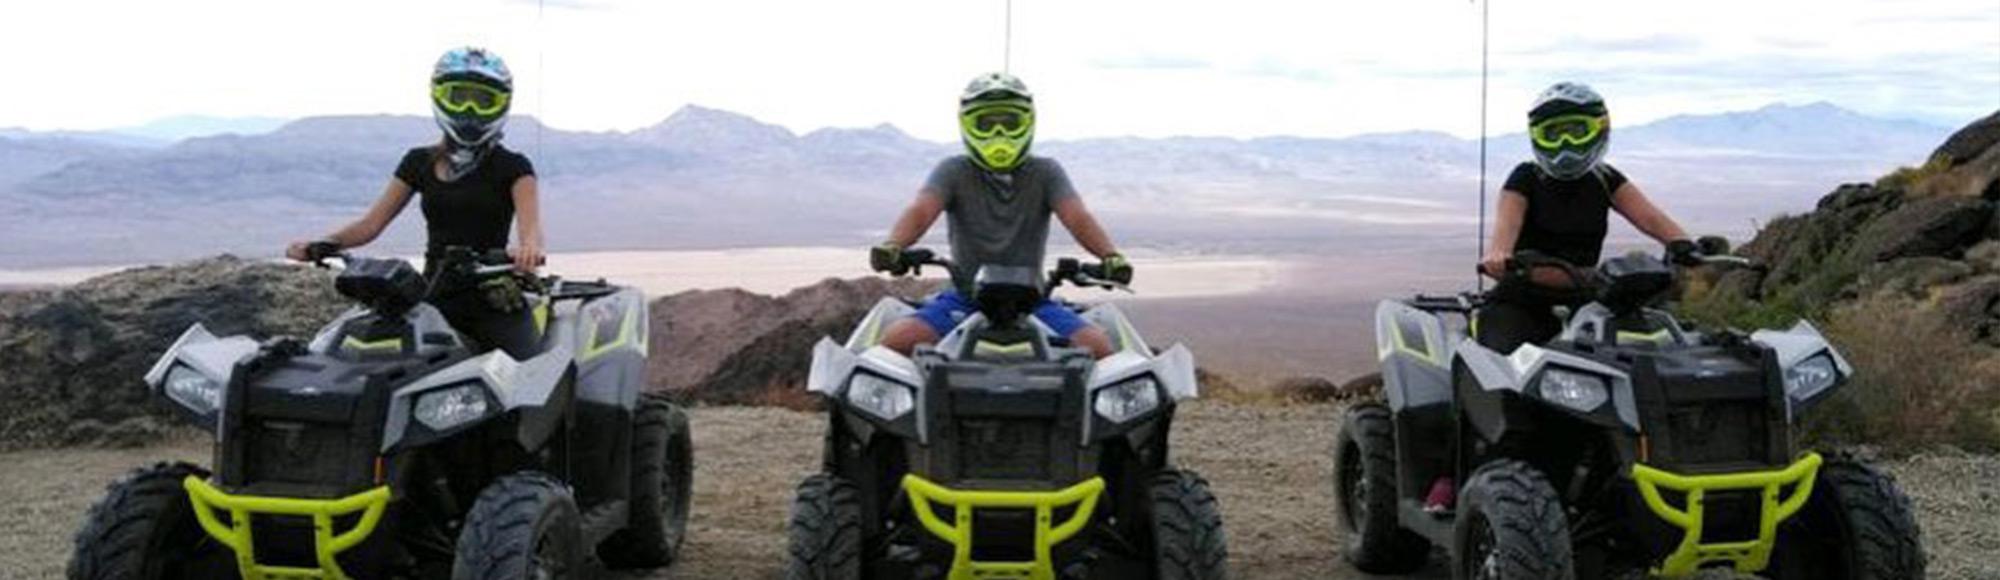 ATV Hidden Valley tour